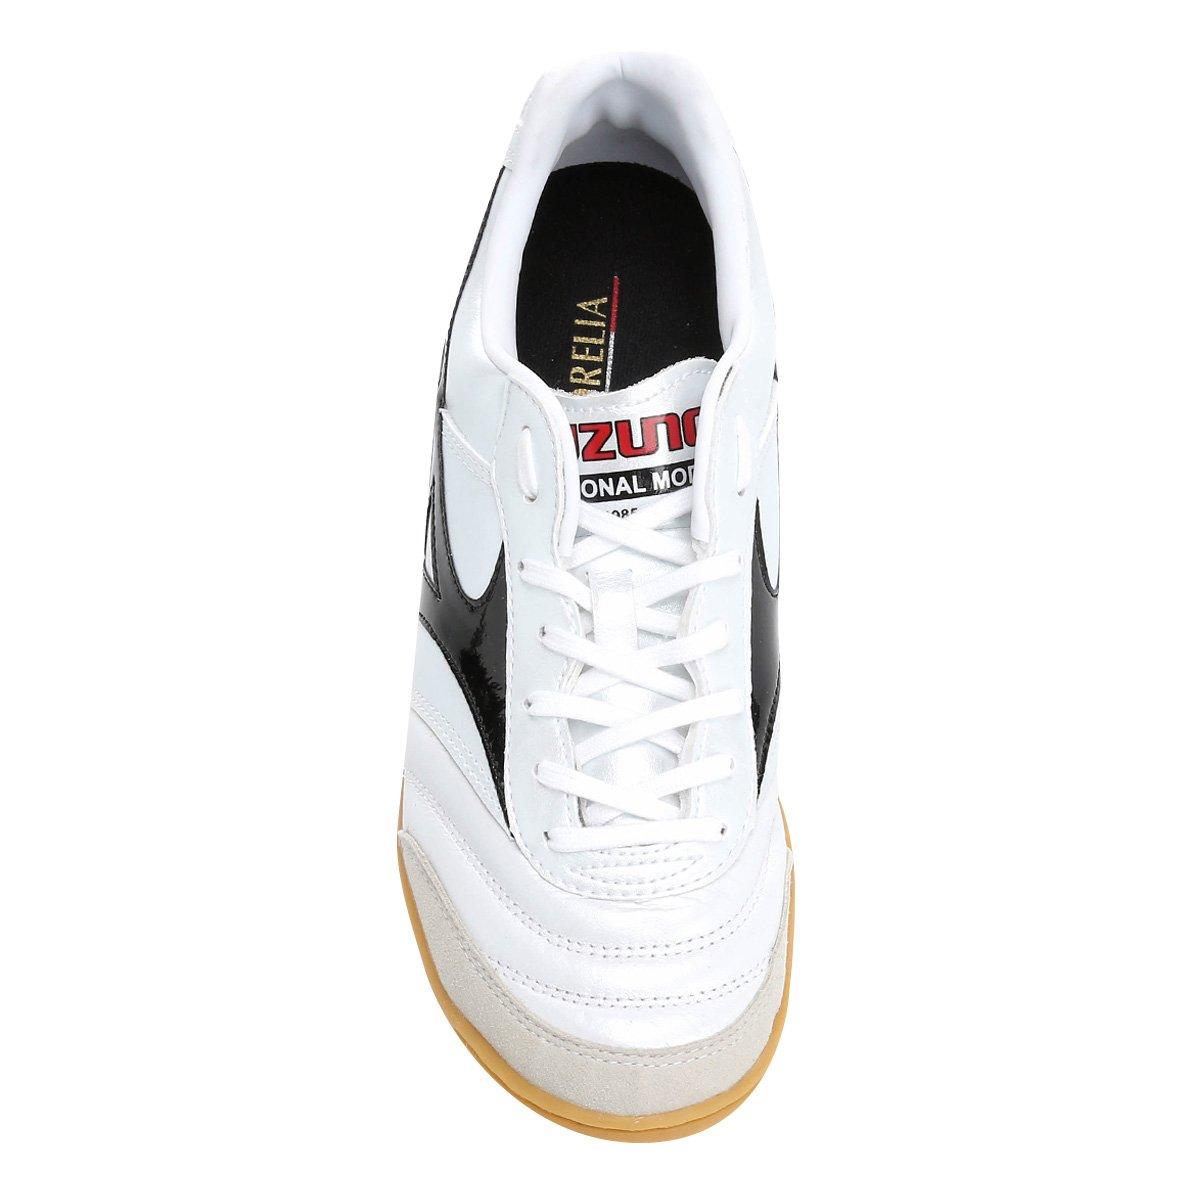 Mizuno Preto Elite Masculina 2 Morelia e Branco Chuteira IN Futsal f4qRaR